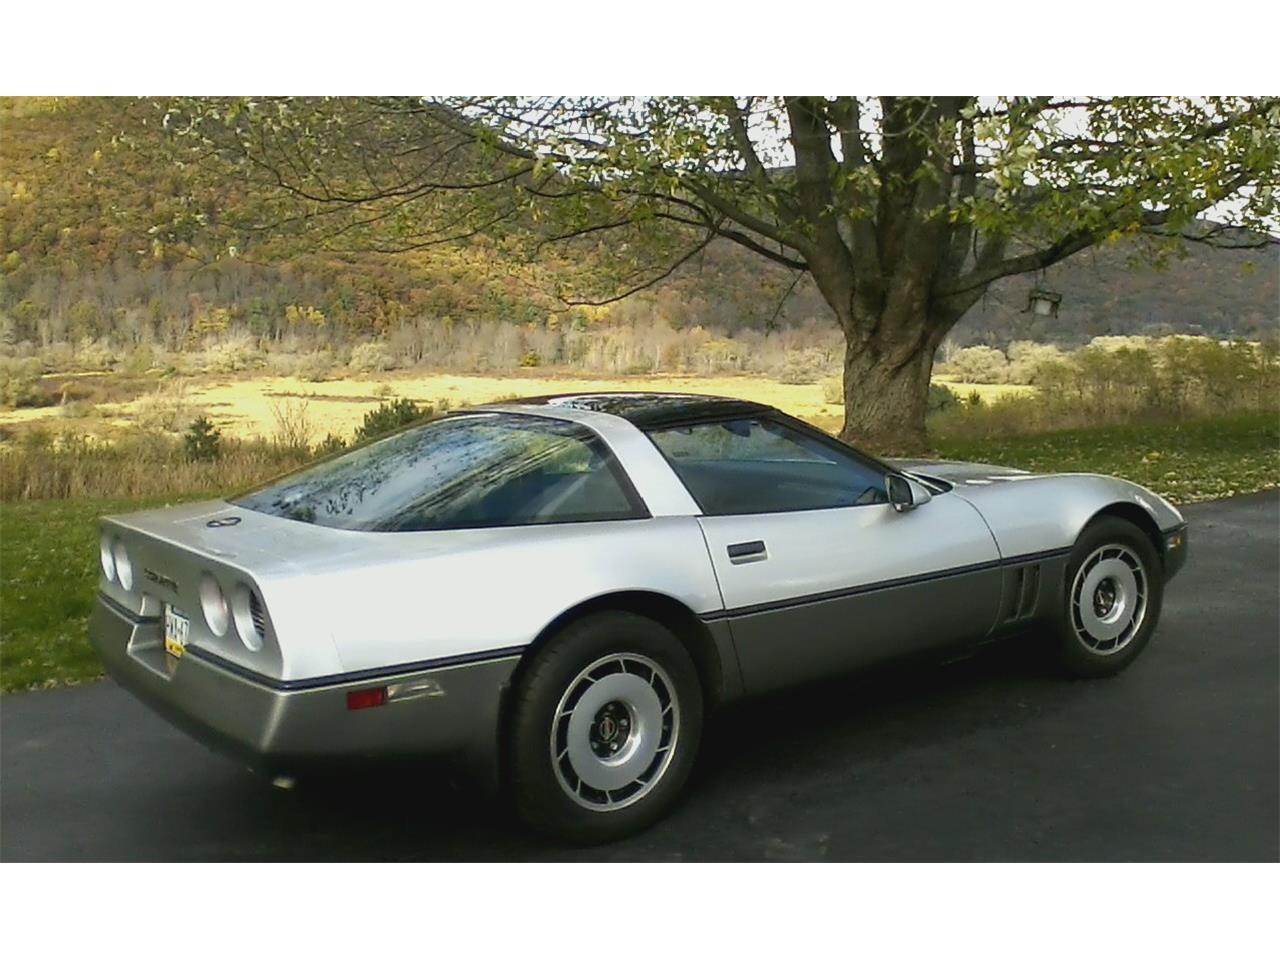 Kelebihan Kekurangan Corvette 1984 Tangguh